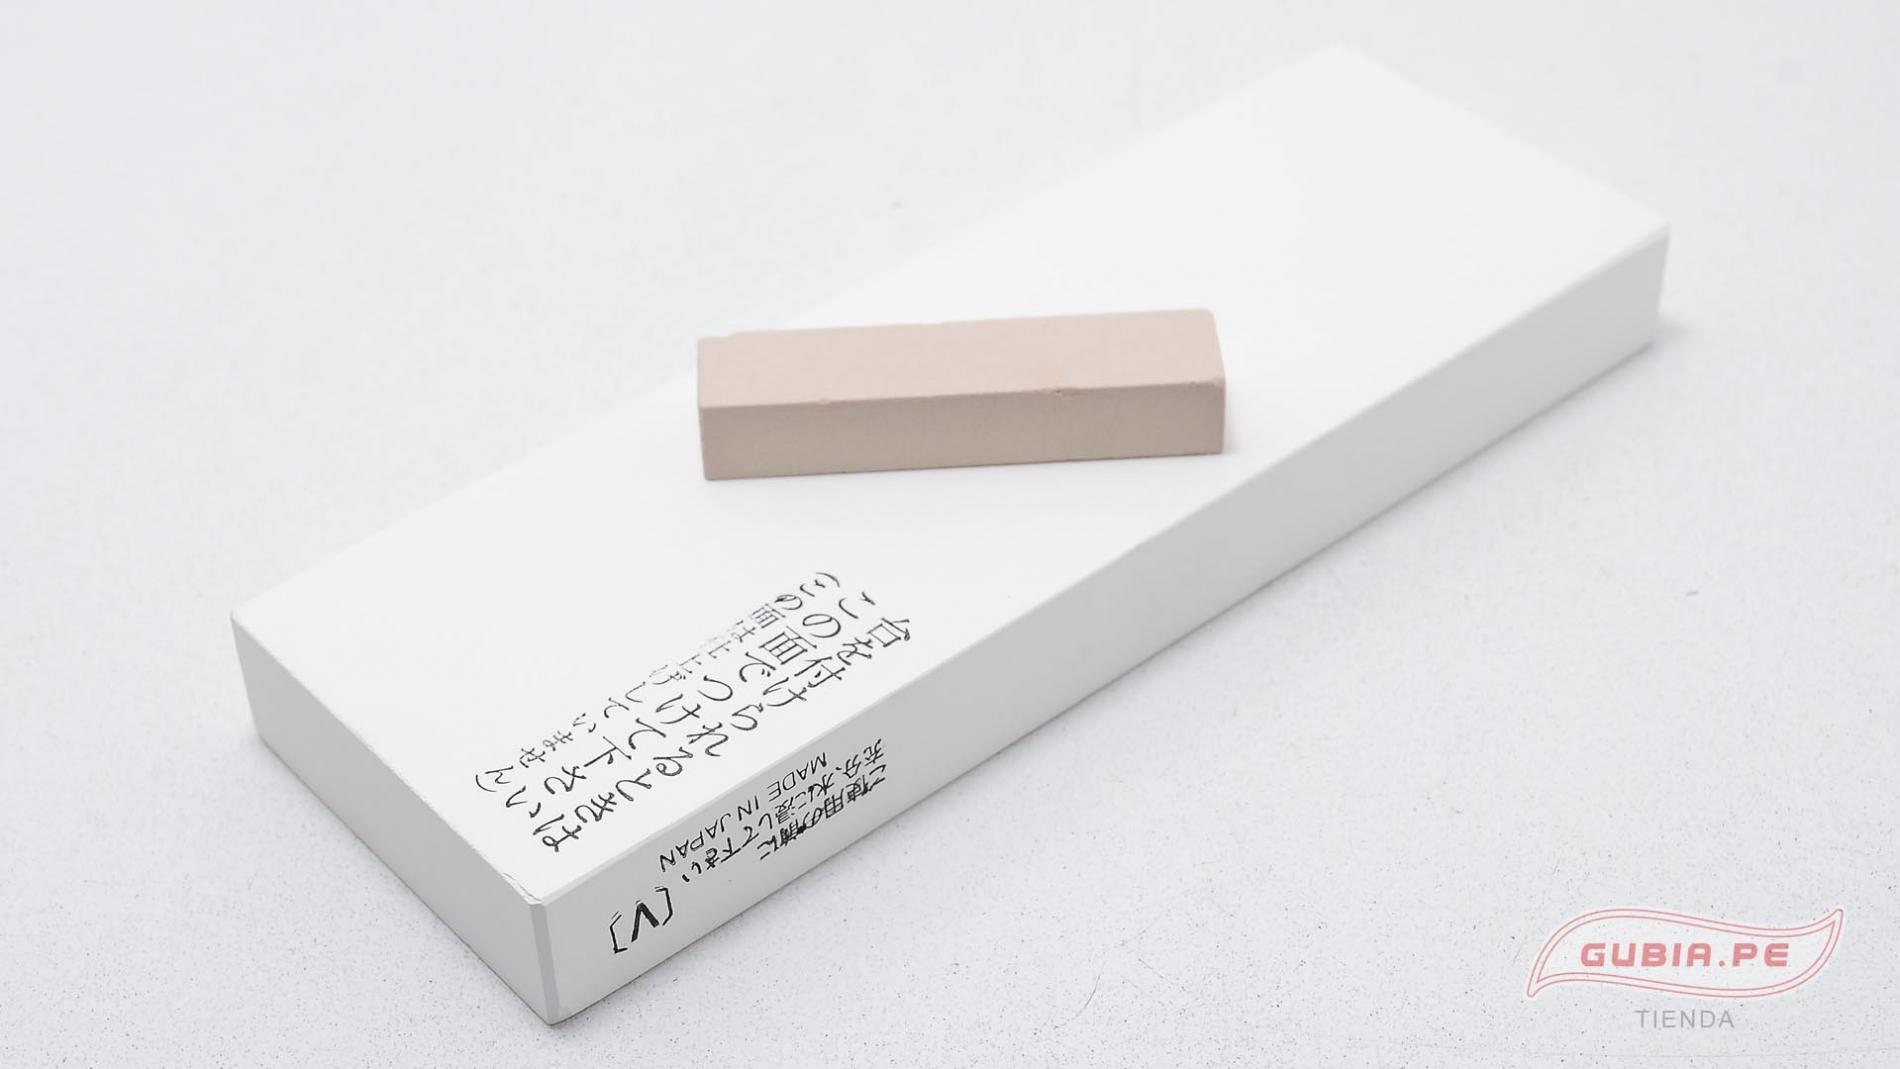 6000-35-Piedra de asentar 6000 Blanca Nieve 183x63x20mm Suehiro 6000-35-max-2.